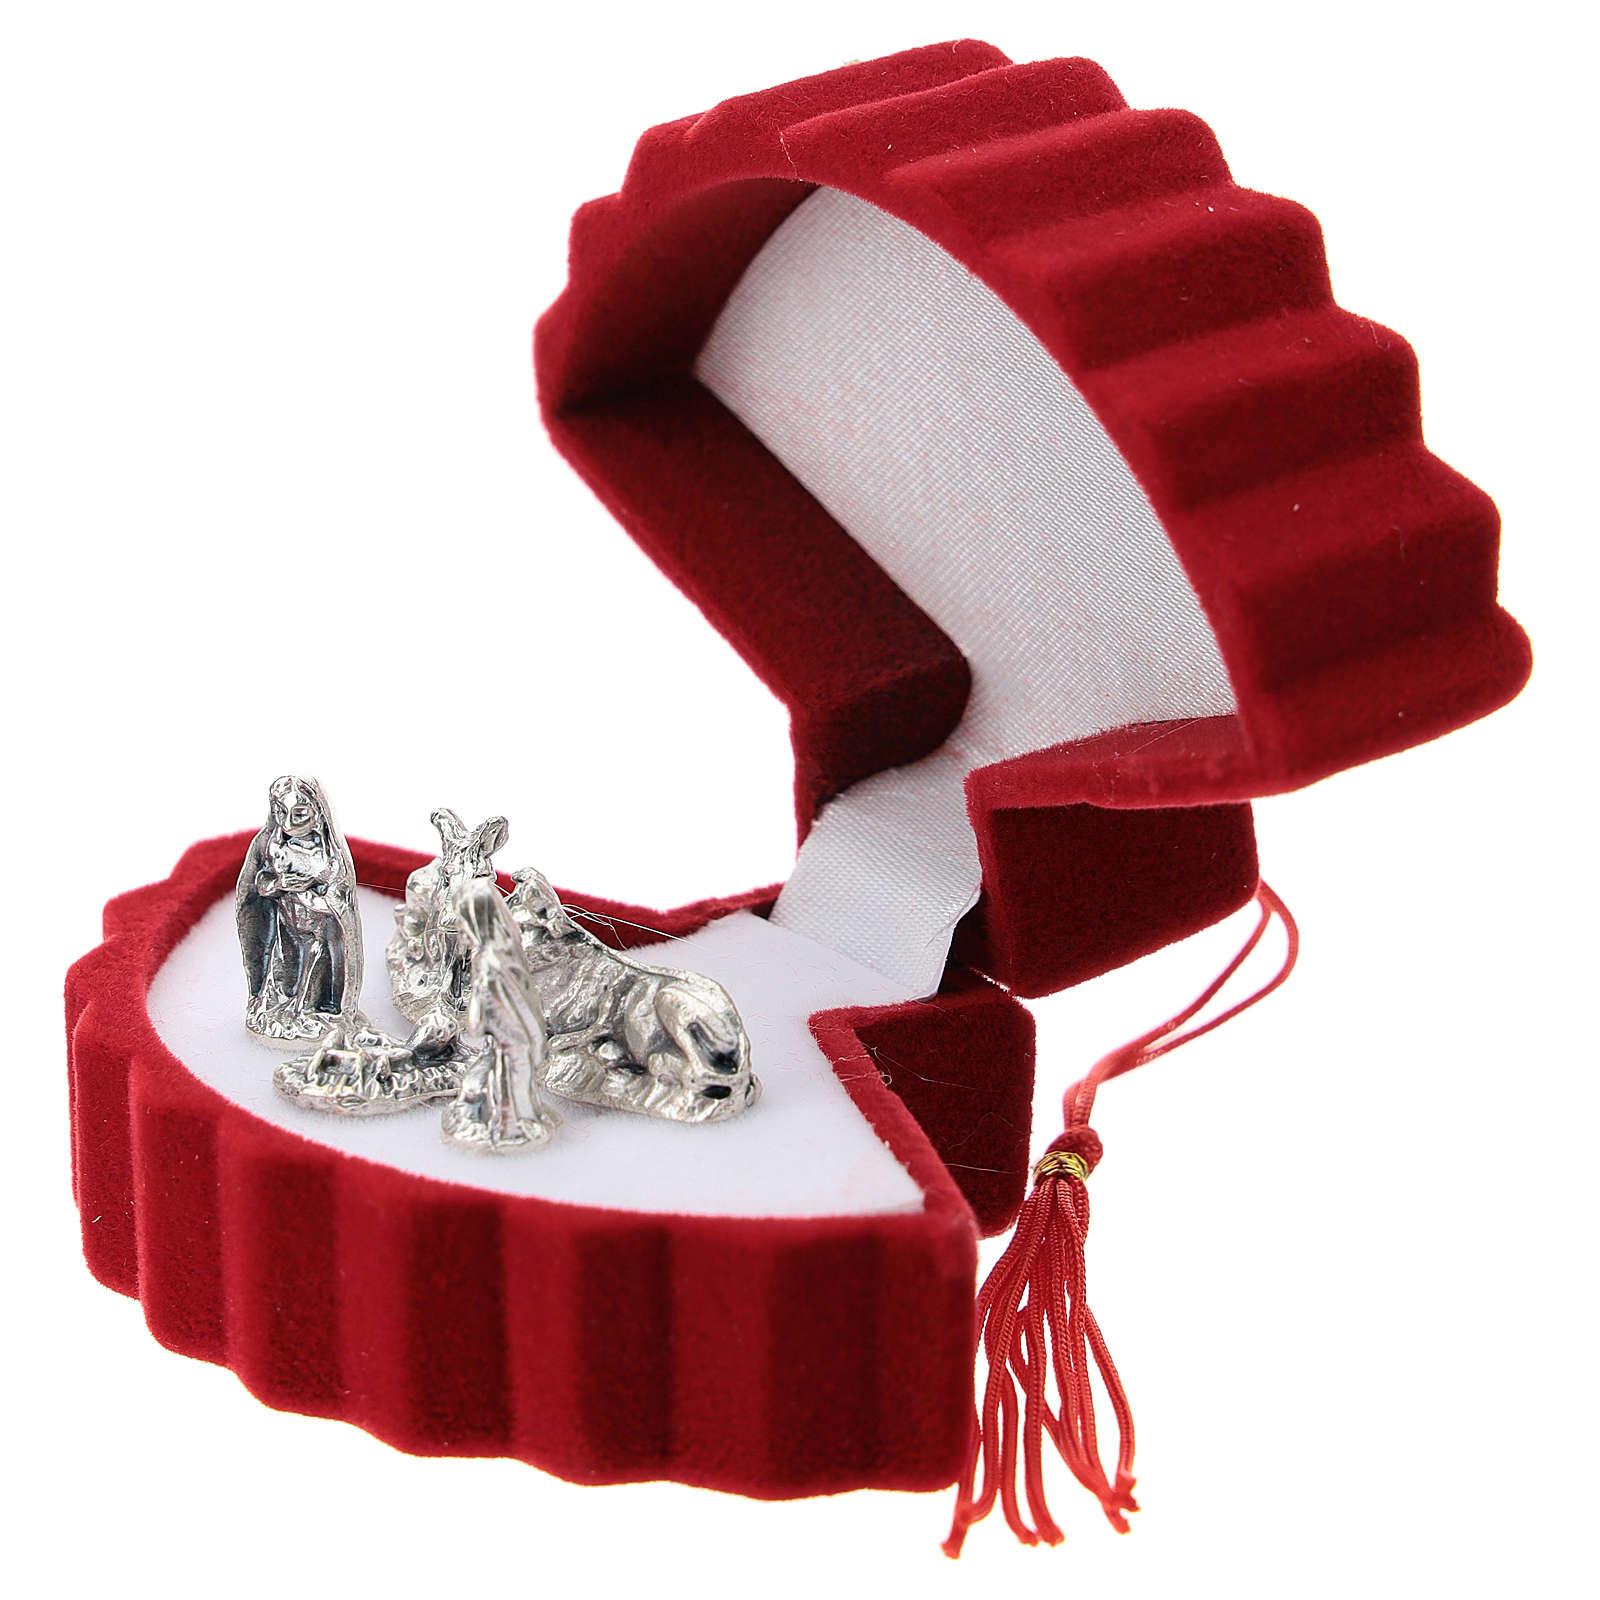 Cofre con natividad abanico terciopelo rojo 3